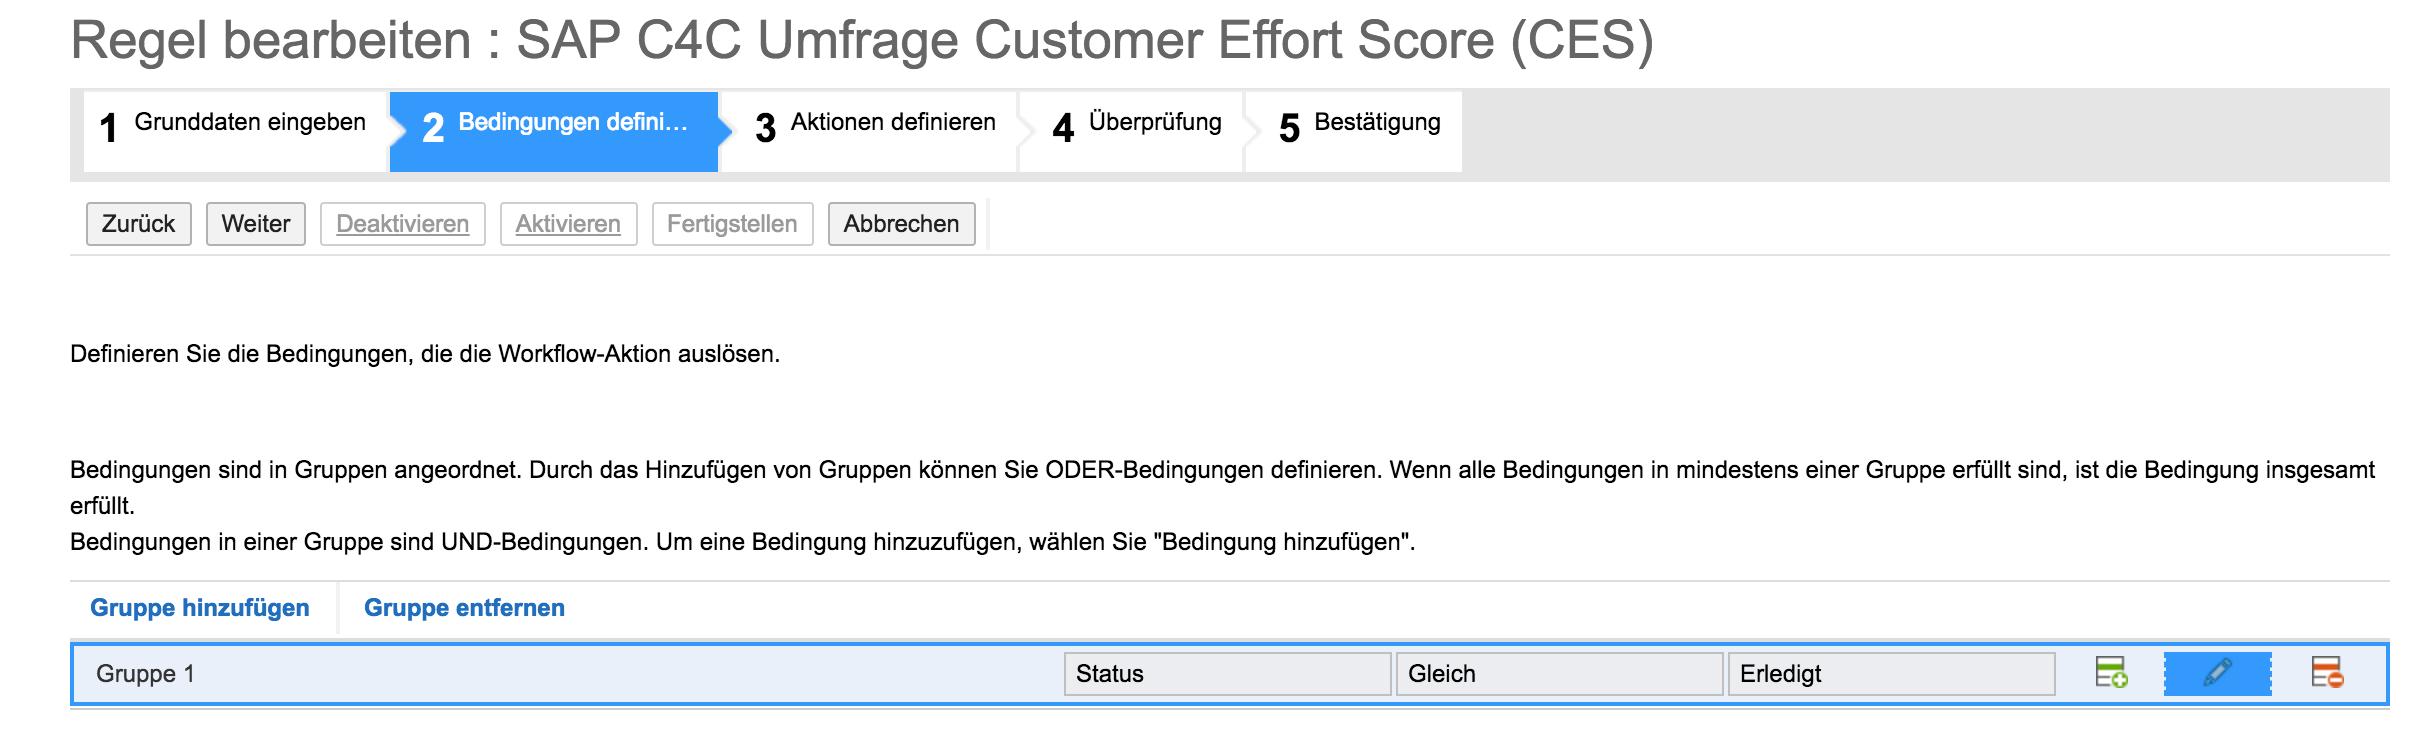 Arbeitschritt 1 Einrichten CES in SAP Hybris C4C